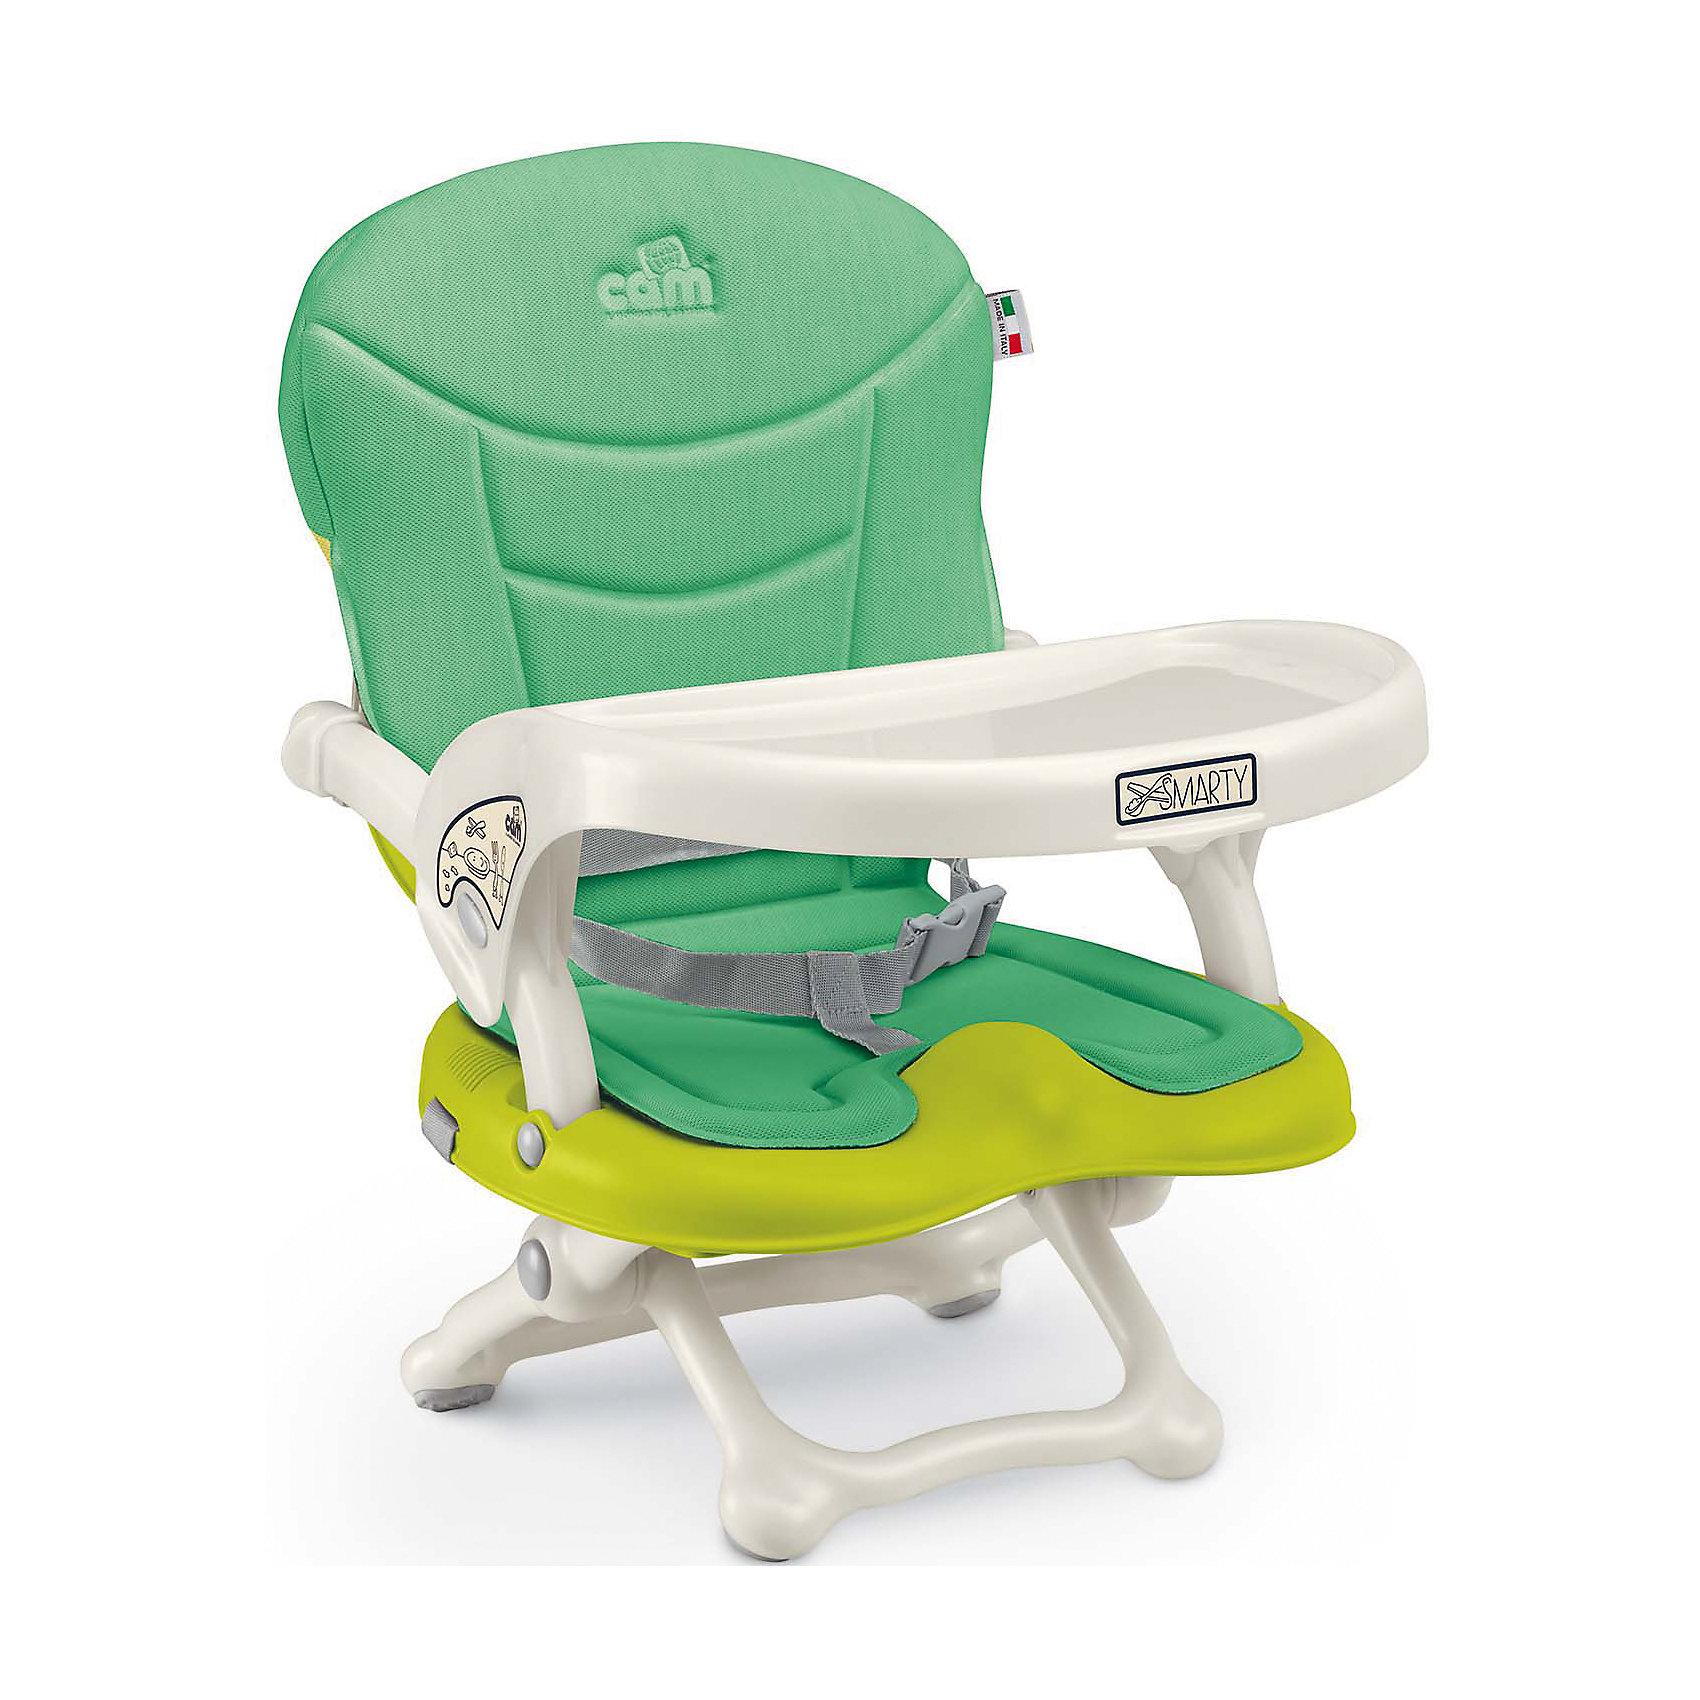 Стульчик для кормления Smarty Pop, CAM, салатовыйот +6 месяцев<br>Smarty Pop - переносной стульчик для кормления, идеально подходящий для активных и мобильных родителей! Модель оснащена уникальным механизмом фиксации, благодаря чему прочно и надежно крепится на любом стуле. Smarty Pop регулируется по высоте в 4 позициях в зависимости от роста ребенка, имеет пластиковый столик для малышей, которые еще только учатся есть. Удобное мягкое сиденье эргономичной формы оснащено ремнями безопасности. Стульчик имеет противоскользящие упоры, гарантирующие безопасность даже самым активным детям. Модель легко и компактно складывается, в сложенном виде занимает мало места. Ее удобно брать с собой на прогулки, путешествия, в гости. <br><br>Дополнительная информация:<br><br>- Материал: пластик, текстиль.<br>- Размер в разложенном виде: 37x42x50 см.<br>- Размер в сложенном виде: 37x42x13 см.<br>- Вес: 1,8 кг.<br>- Регулировка по высоте в 4 позициях (от 0 до 18 см).<br>- Противоскользящие упоры.<br>- Удобное сиденье с подлокотниками.<br>- Отсутствуют острые углы и края.<br>- Легко моется.<br>- Быстро и компактно складывается. <br> <br>Стульчик для кормления Smarty Pop, CAM, салатовый, можно купить в нашем магазине.<br><br>Ширина мм: 600<br>Глубина мм: 435<br>Высота мм: 377<br>Вес г: 2000<br>Возраст от месяцев: 6<br>Возраст до месяцев: 36<br>Пол: Унисекс<br>Возраст: Детский<br>SKU: 4856273